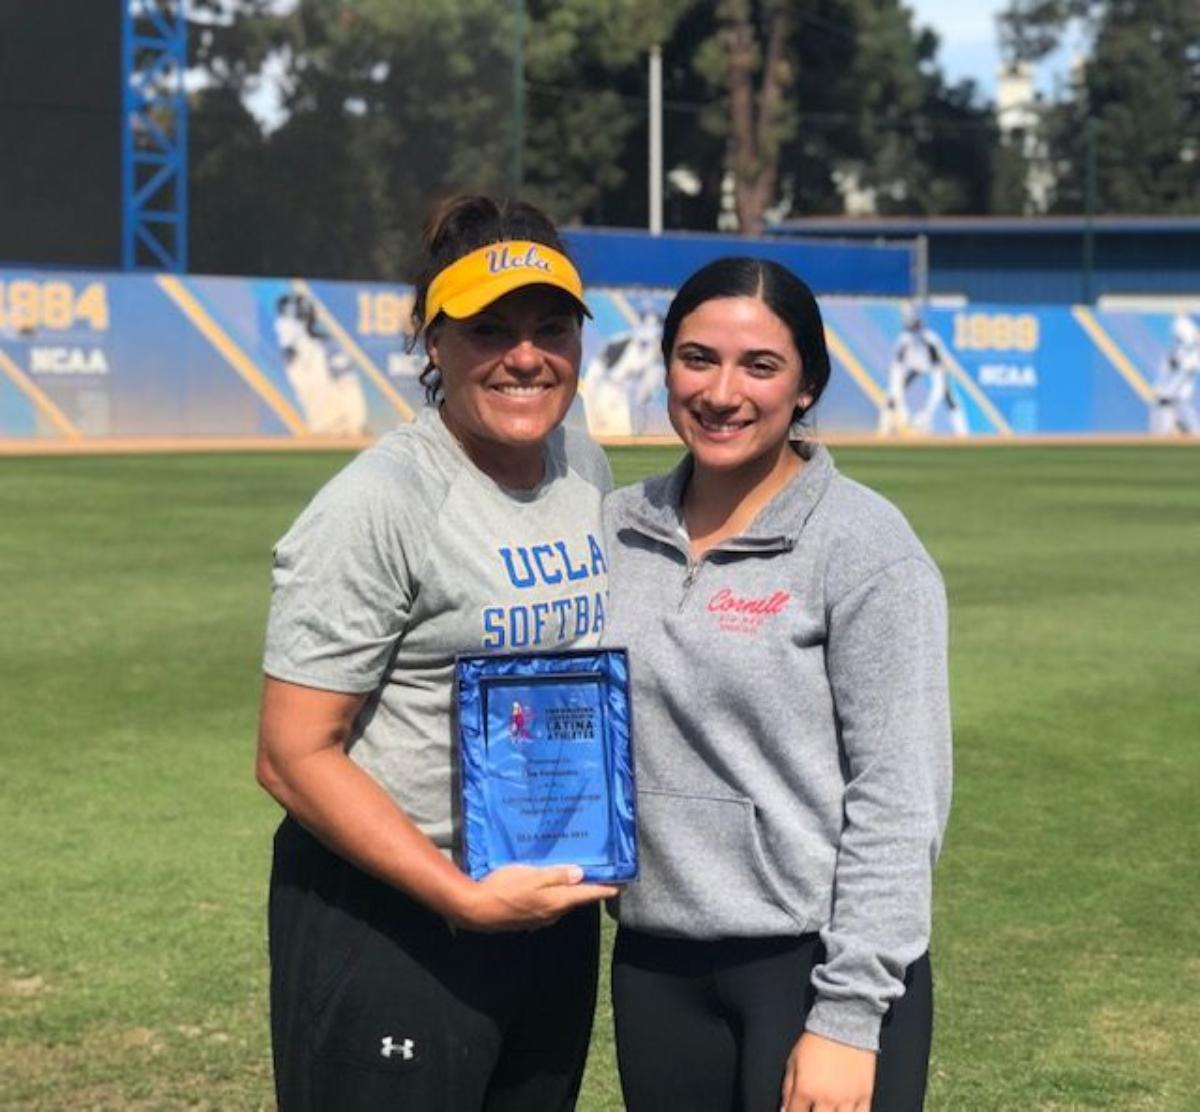 ELLA Sports Foundation busca ayudar a las atletas latinas a culminar sus sueños deportivos